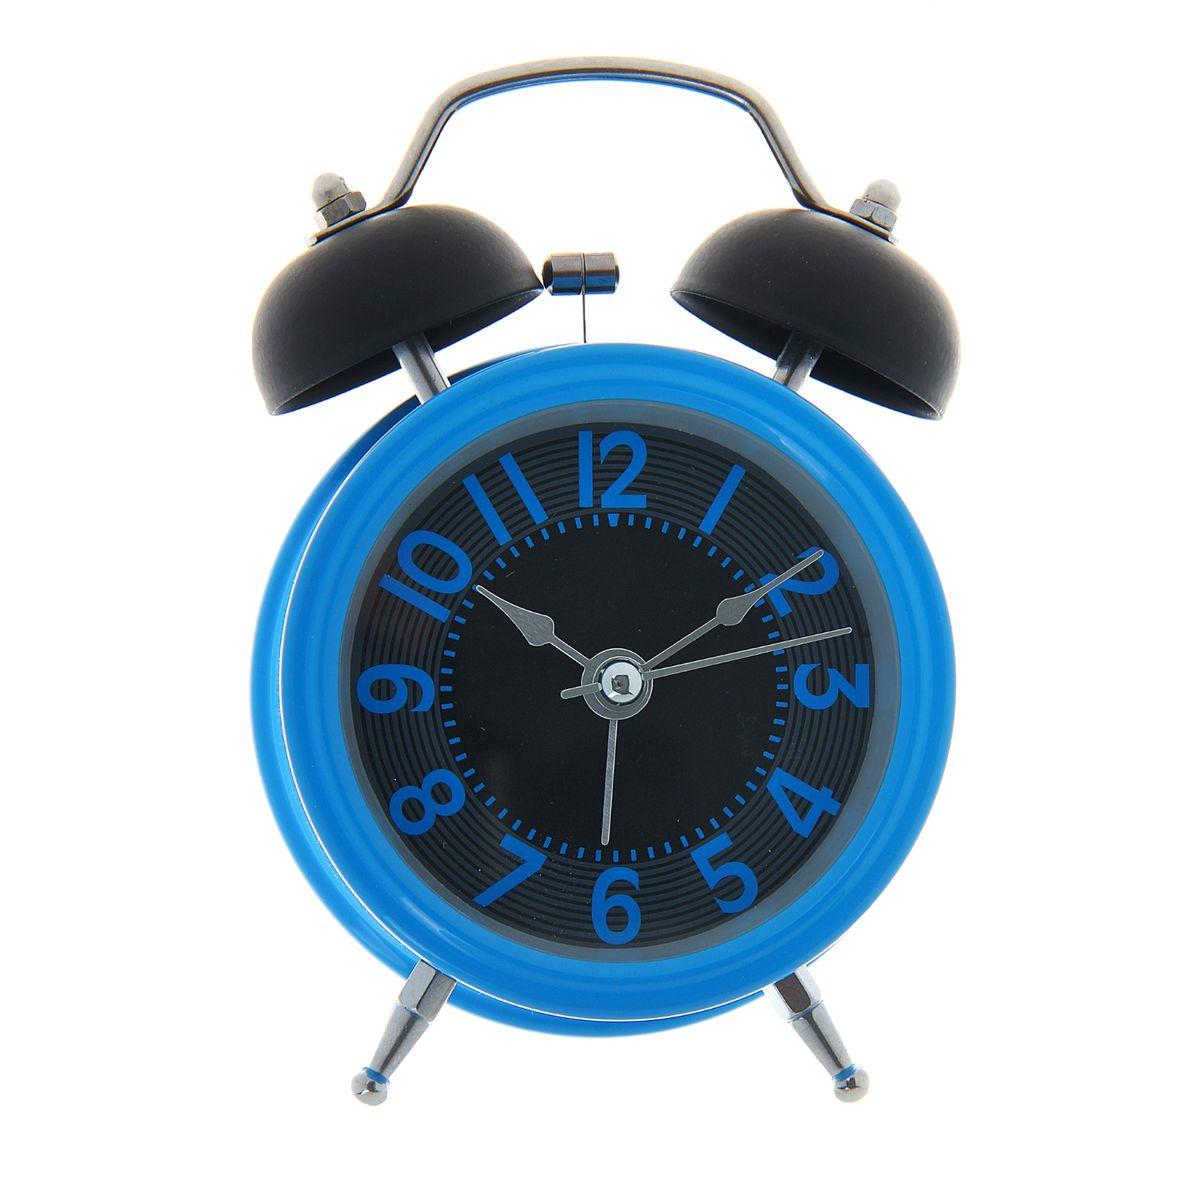 Часы-будильник Sima-land, цвет: синий. 10564141056414Как же сложно иногда вставать вовремя! Всегда так хочется поспать еще хотя бы 5 минут и бывает, что мы просыпаем. Теперь этого не случится! Яркий, оригинальный будильник Sima-land поможет вам всегда вставать в нужное время и успевать везде и всюду. Корпус будильника выполнен из металла. Часы снабжены 4 стрелками (секундная, минутная, часовая и для будильника). На задней панели будильника расположен переключатель включения/выключения механизма, а также два колесика для настройки текущего времени и времени звонка будильника. Изделие снабжено подсветкой, которая включается нажатием кнопки с задней стороны. Пользоваться будильником очень легко: нужно всего лишь поставить батарейку, настроить точное время и установить время звонка. Будильник Sima-land - привлекательная деталь в обстановке, которая поможет воплотить вашу интерьерную идею, создать неповторимую атмосферу в вашем доме. Окружите себя приятными мелочами, пусть они радуют взгляд и дарят гармонию. ...